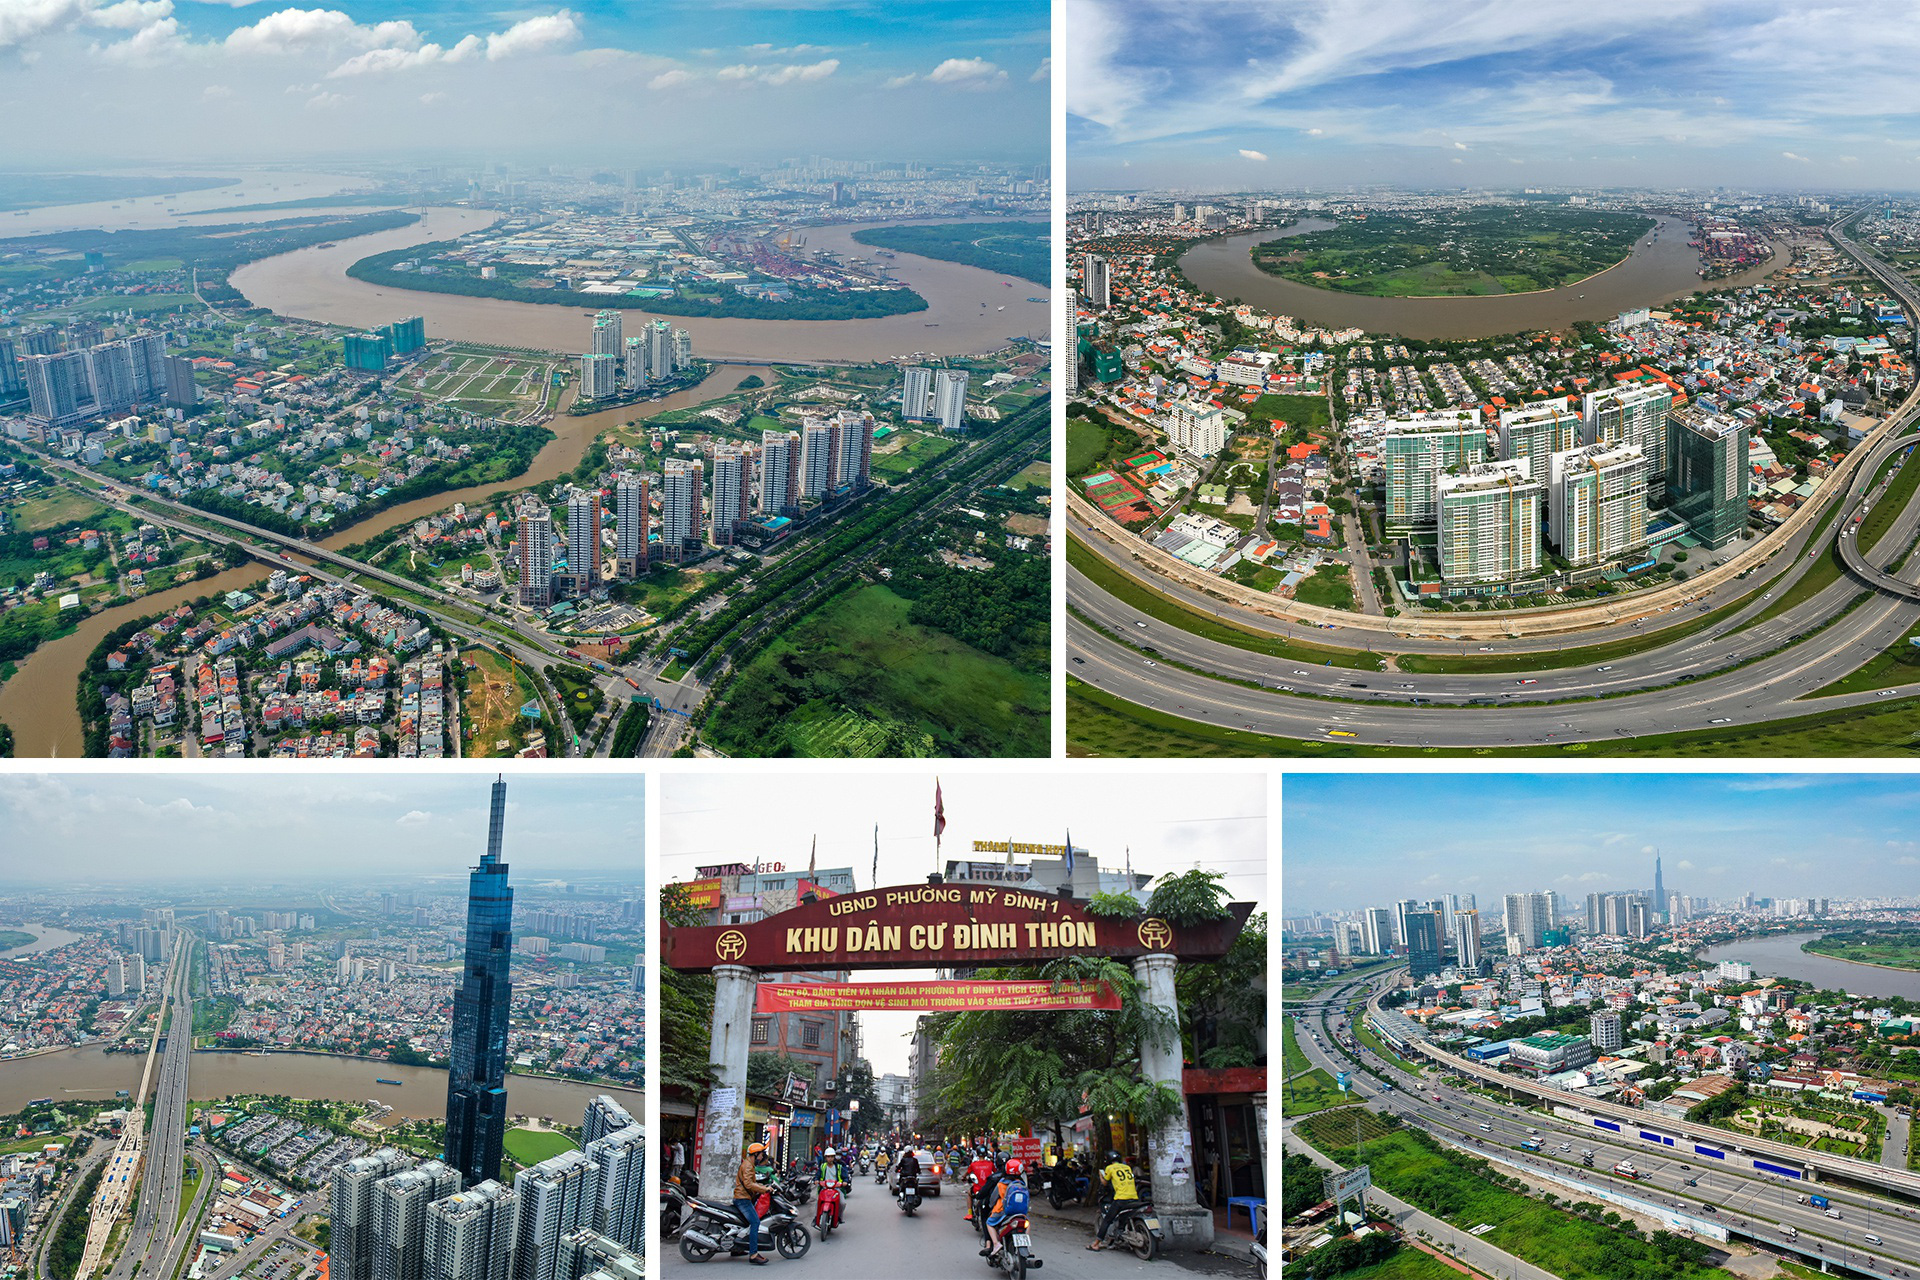 Mua nhà trước 30 tuổi ở TP HCM, Hà Nội, giấc mơ có xa vời? - Ảnh 3.